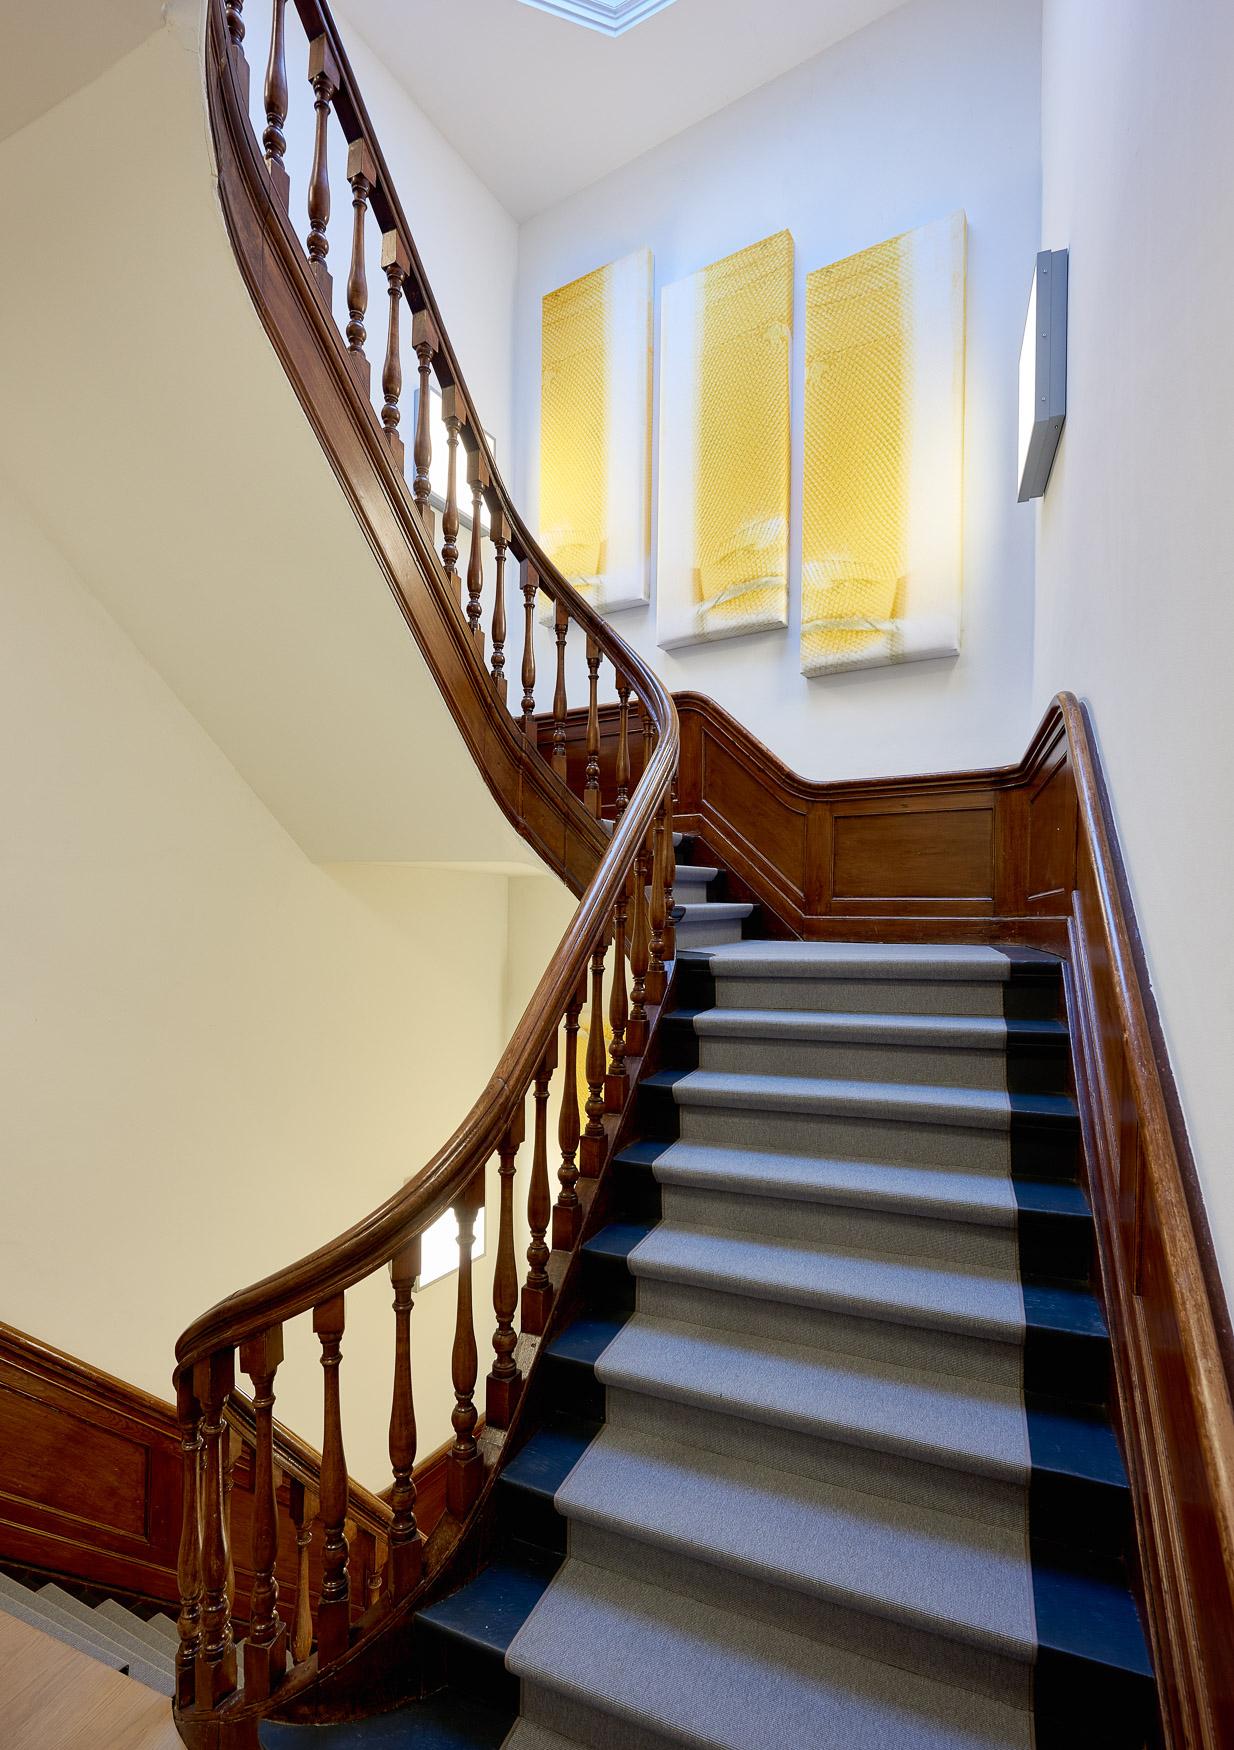 <p>Panelen Yellow Stairs / foto Maarten Noordijk</p>